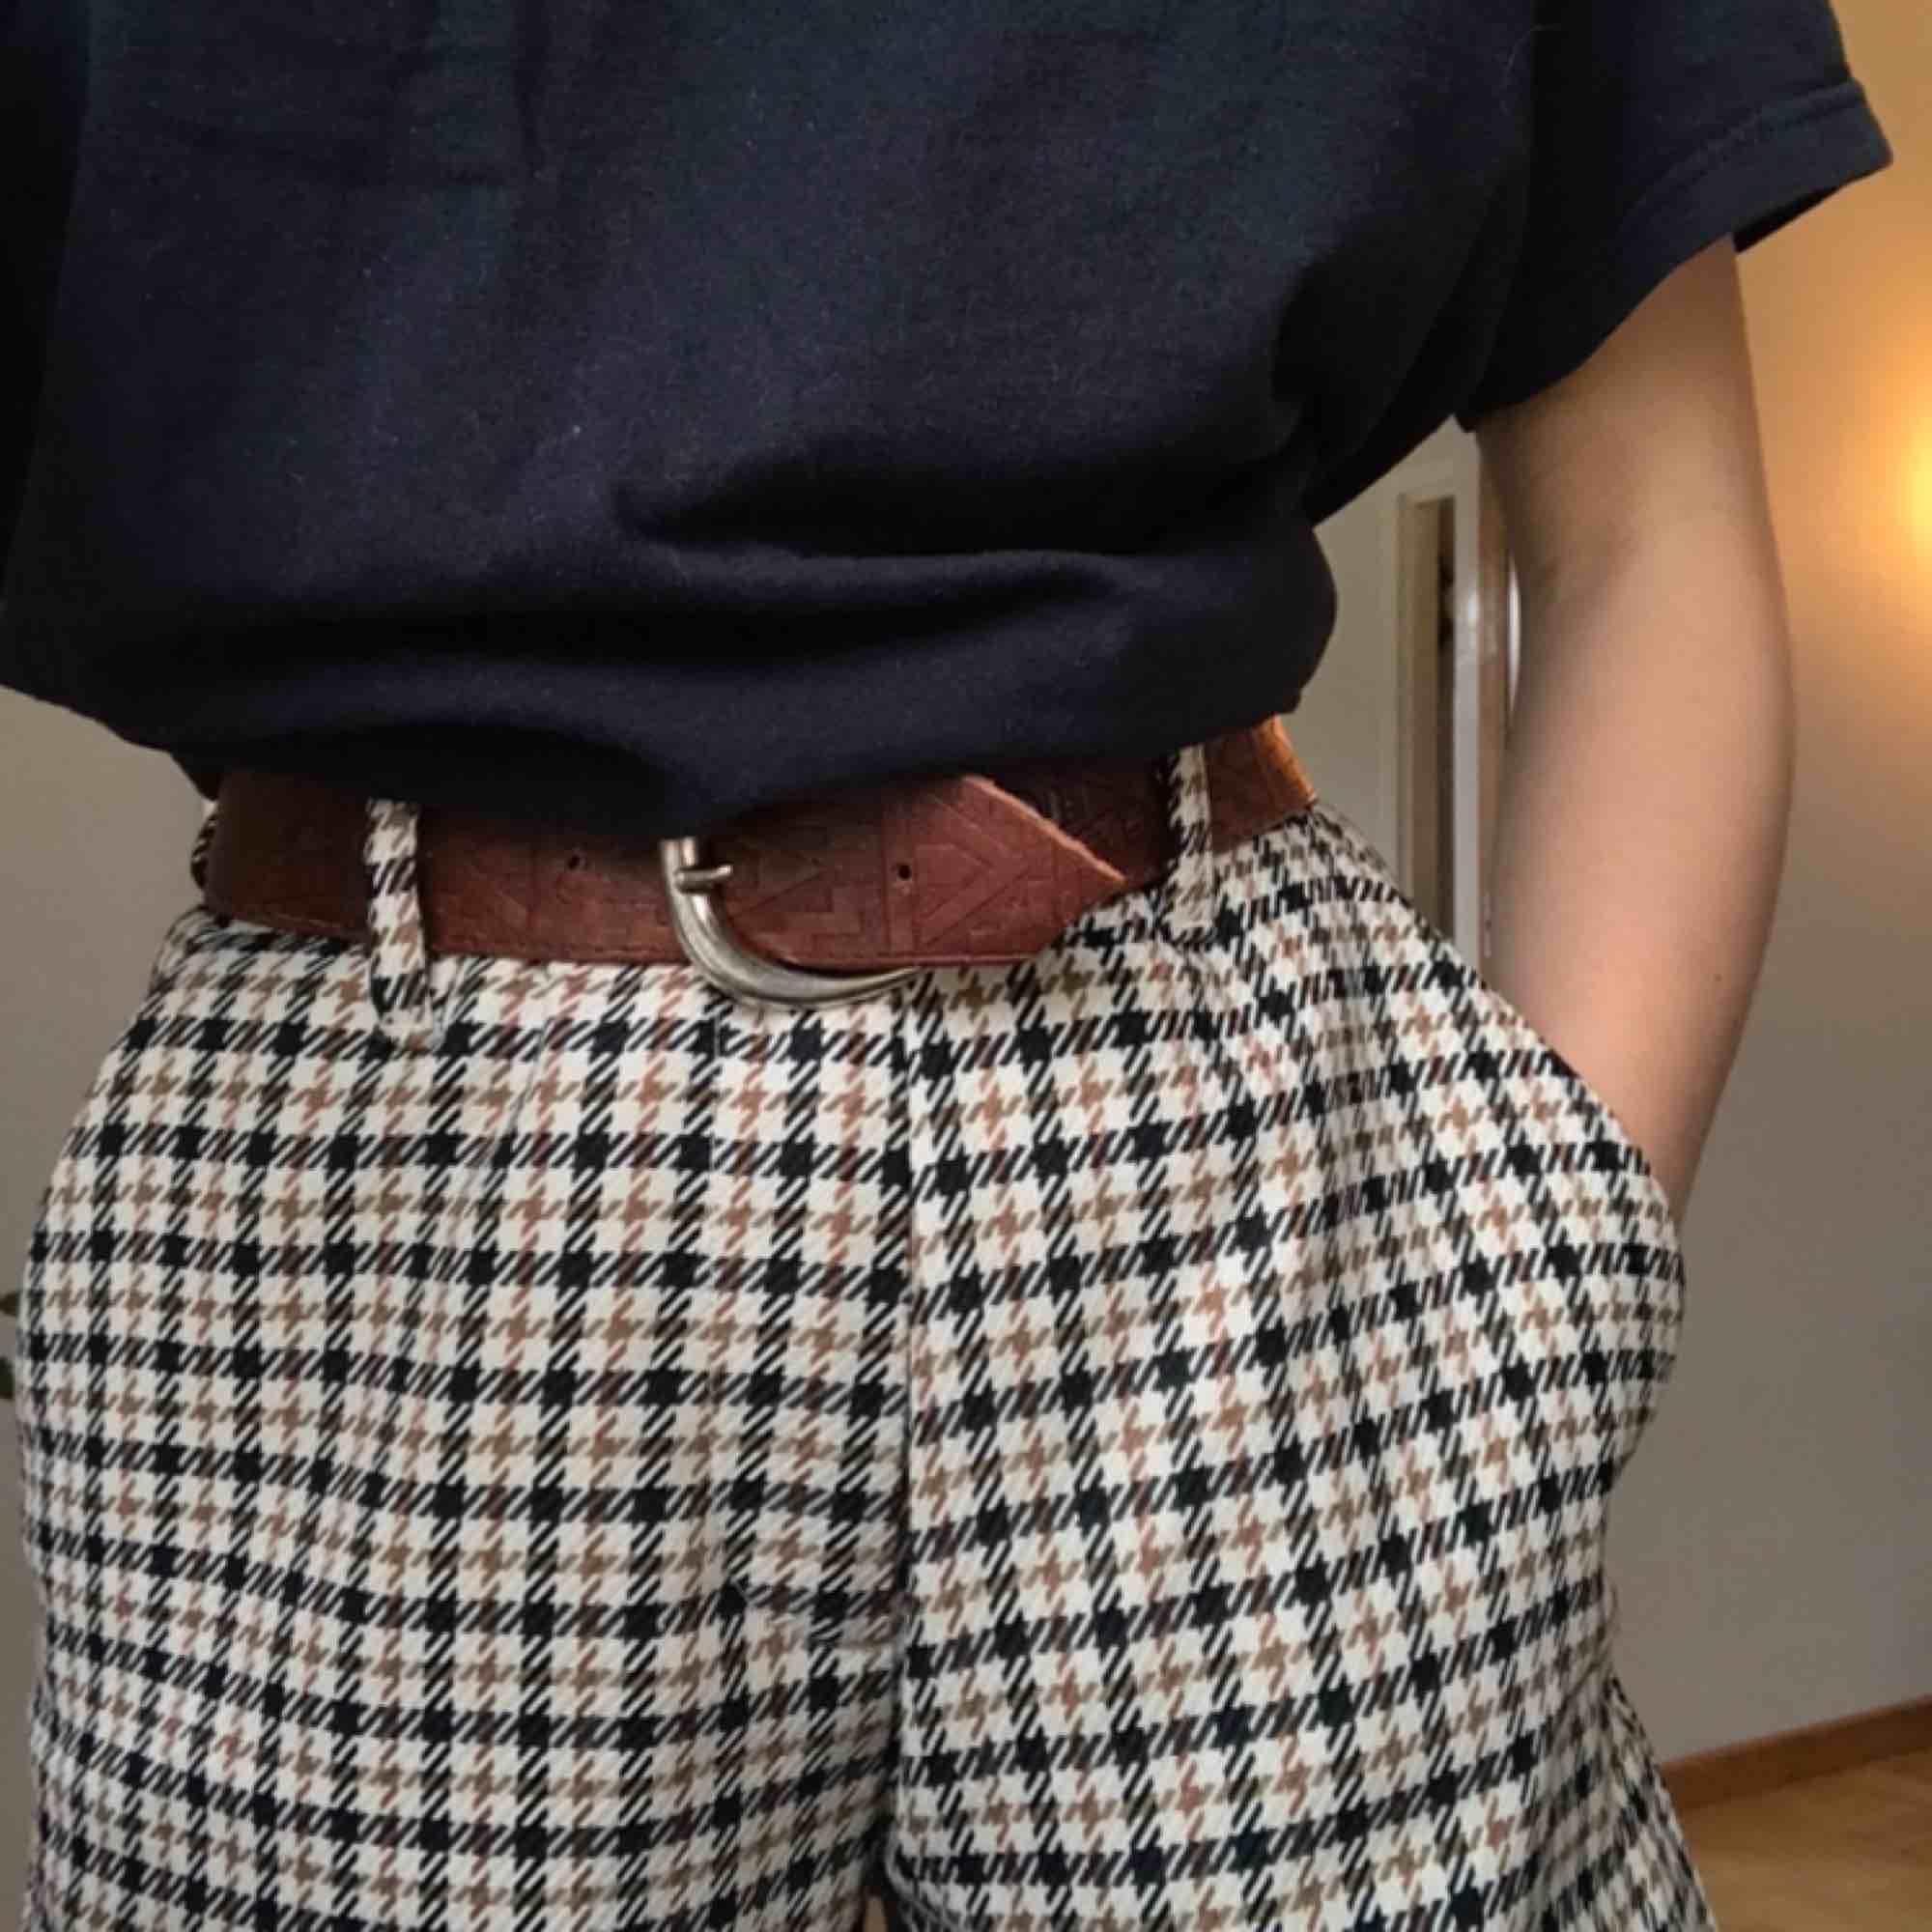 Fina och sköna byxor. Passar även stl 34. Kontakta mig gärna vid frågor eller funderingar. Köparen står för frakt och betalning sker via swish. Jeans & Byxor.